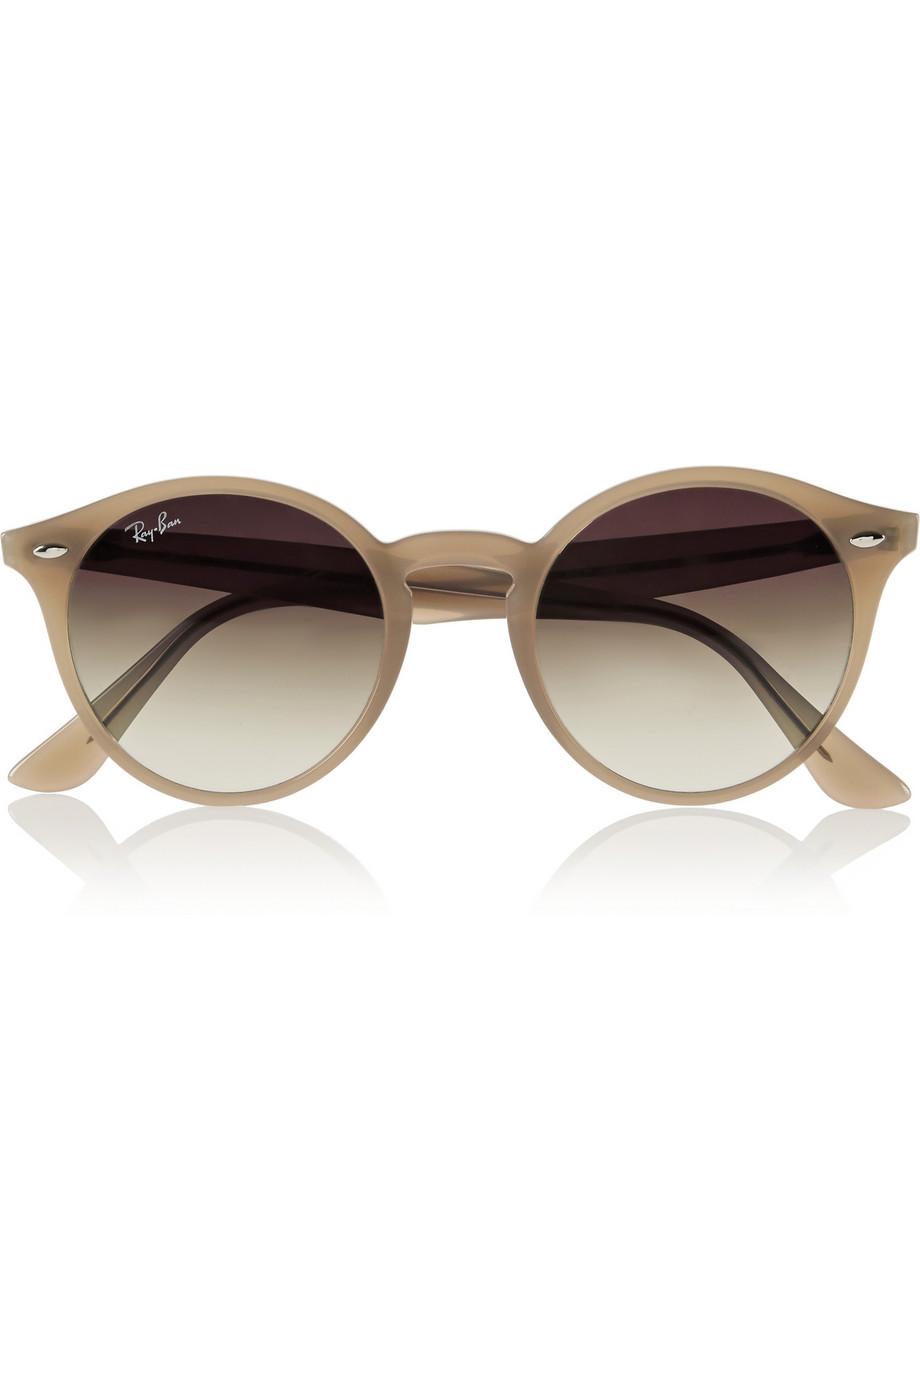 Ray-Ban - lunettes de soleil (155€)